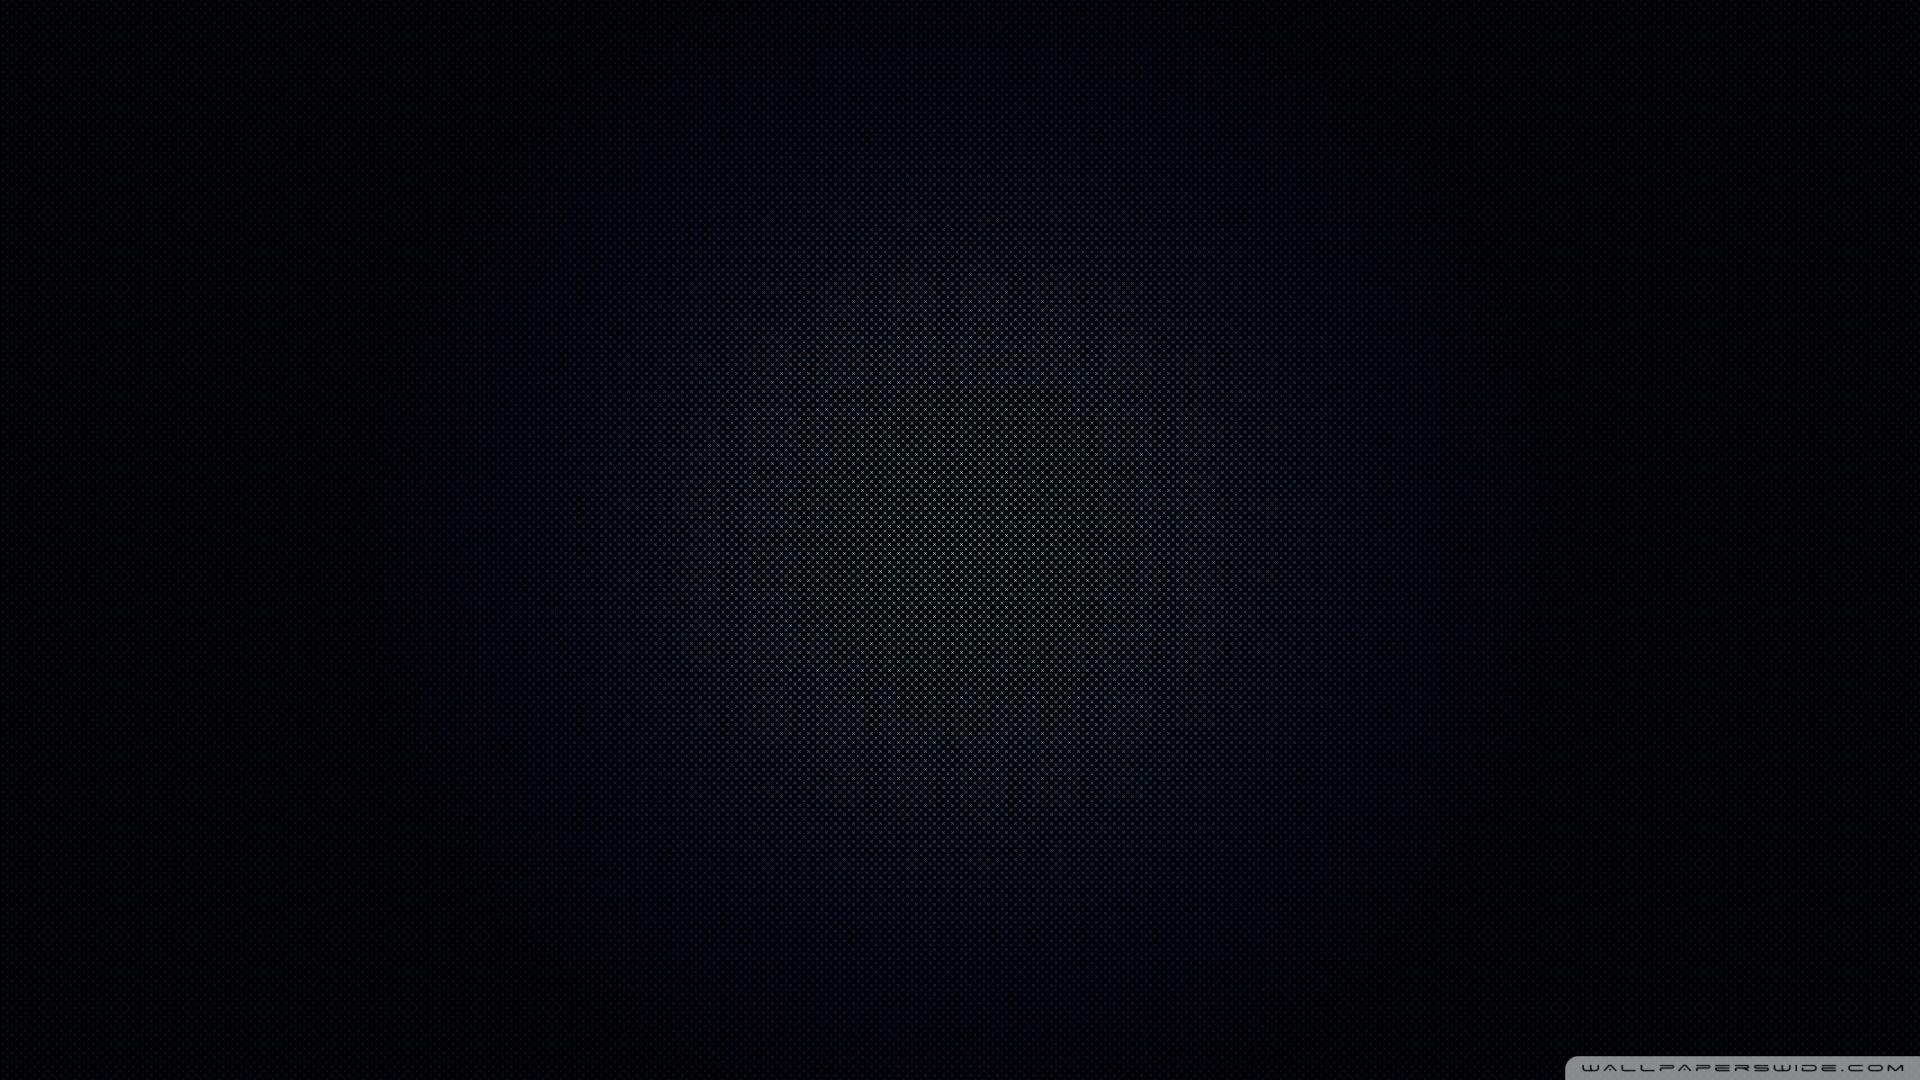 Dark Wallpaper 1920x1080 - WallpaperSafari